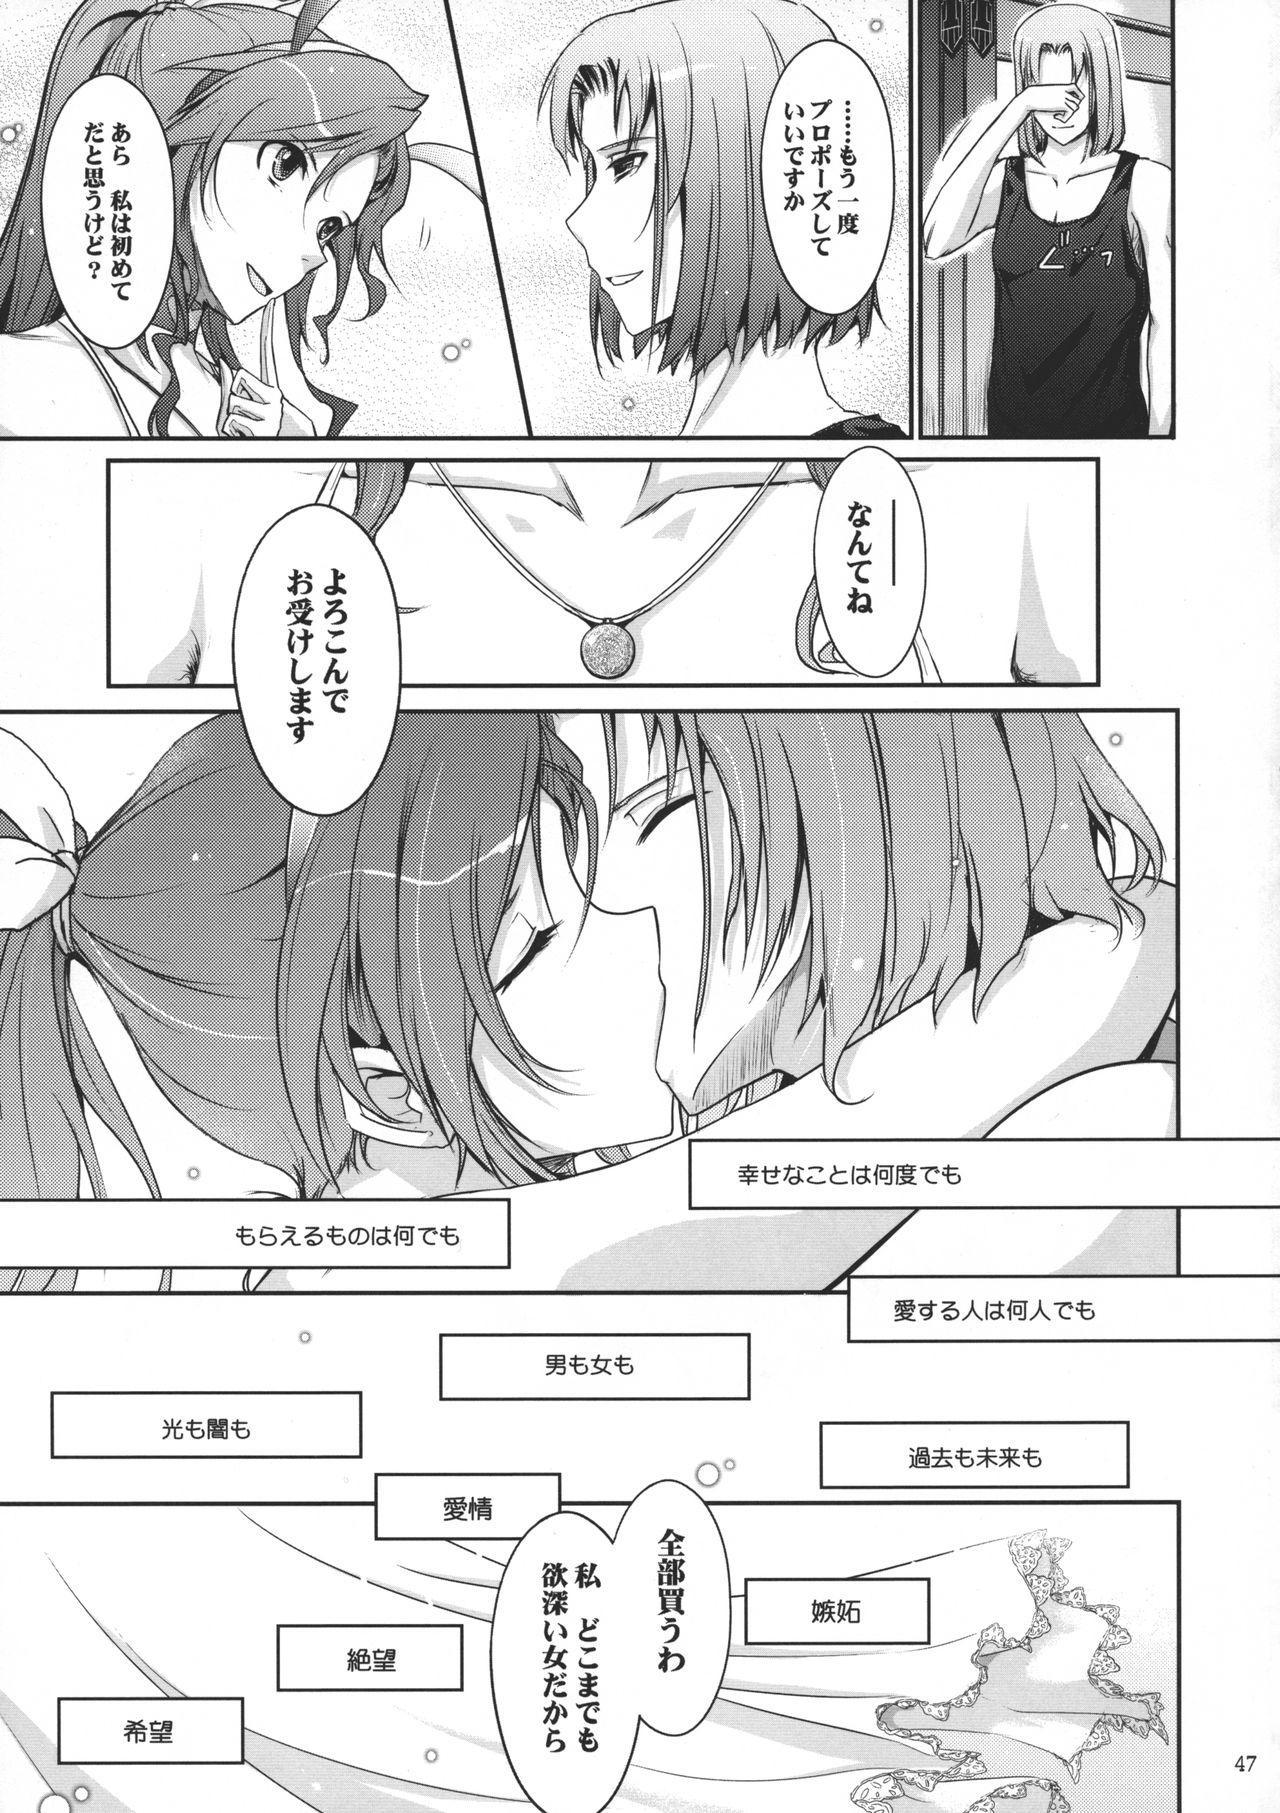 Kare ga Watashi o Katta Wake II 47